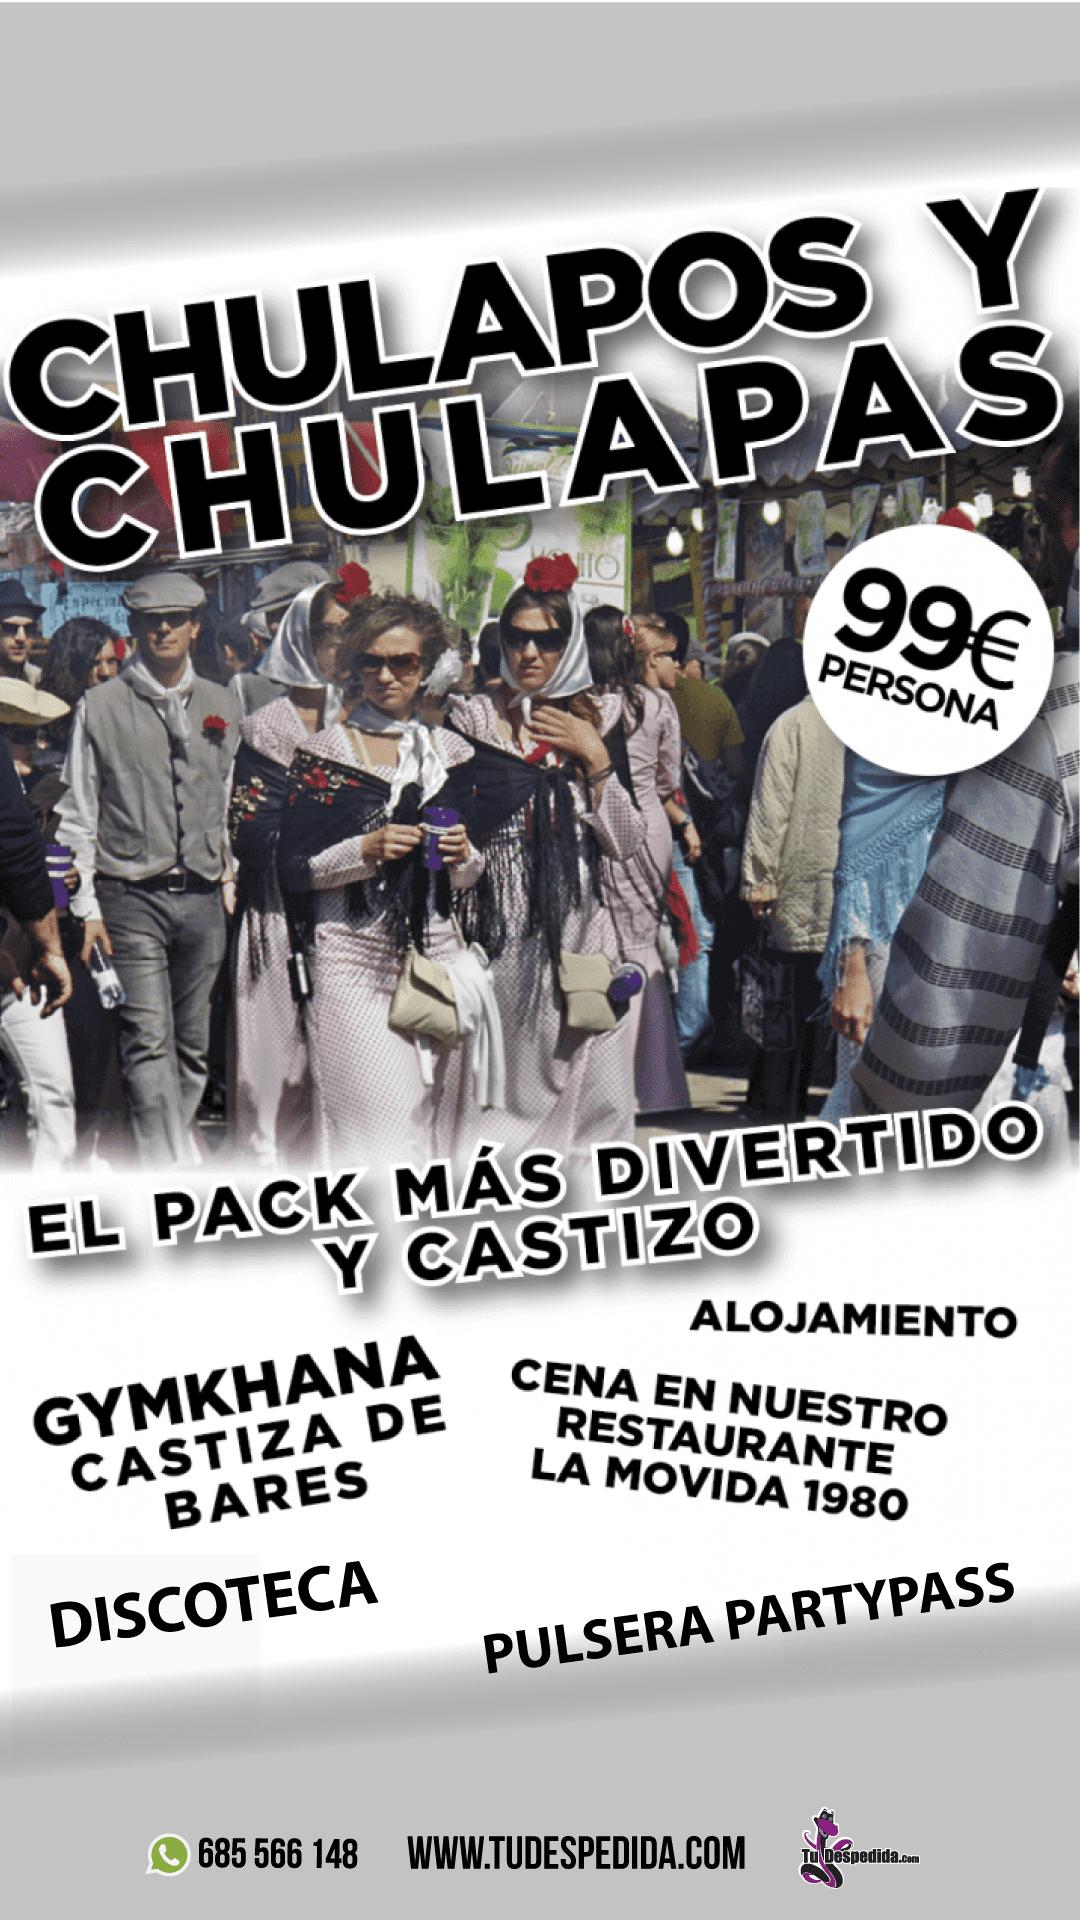 Chulapos y Chulapas Aranjuez